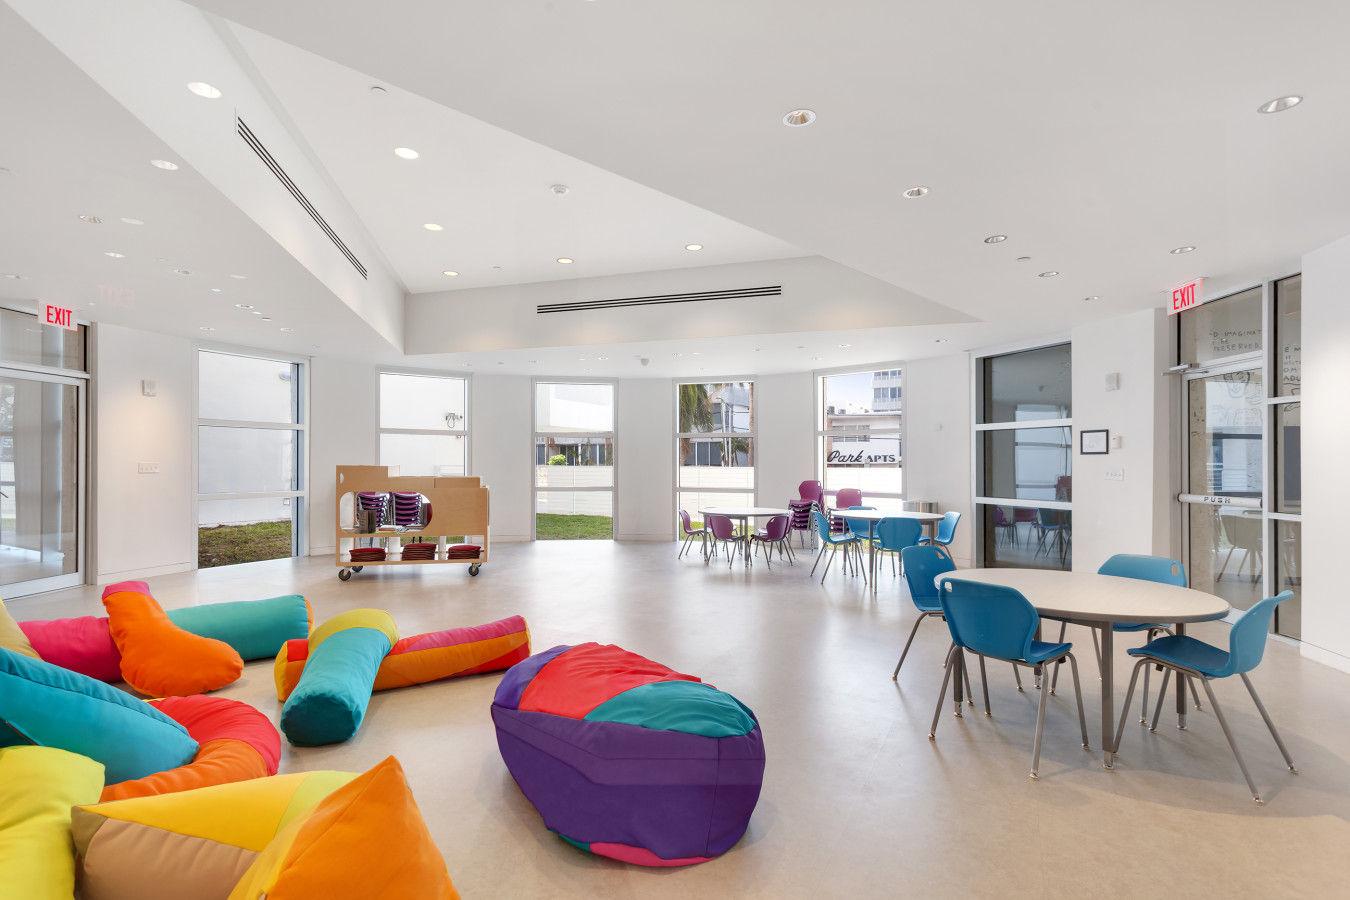 Rotunda Classroom